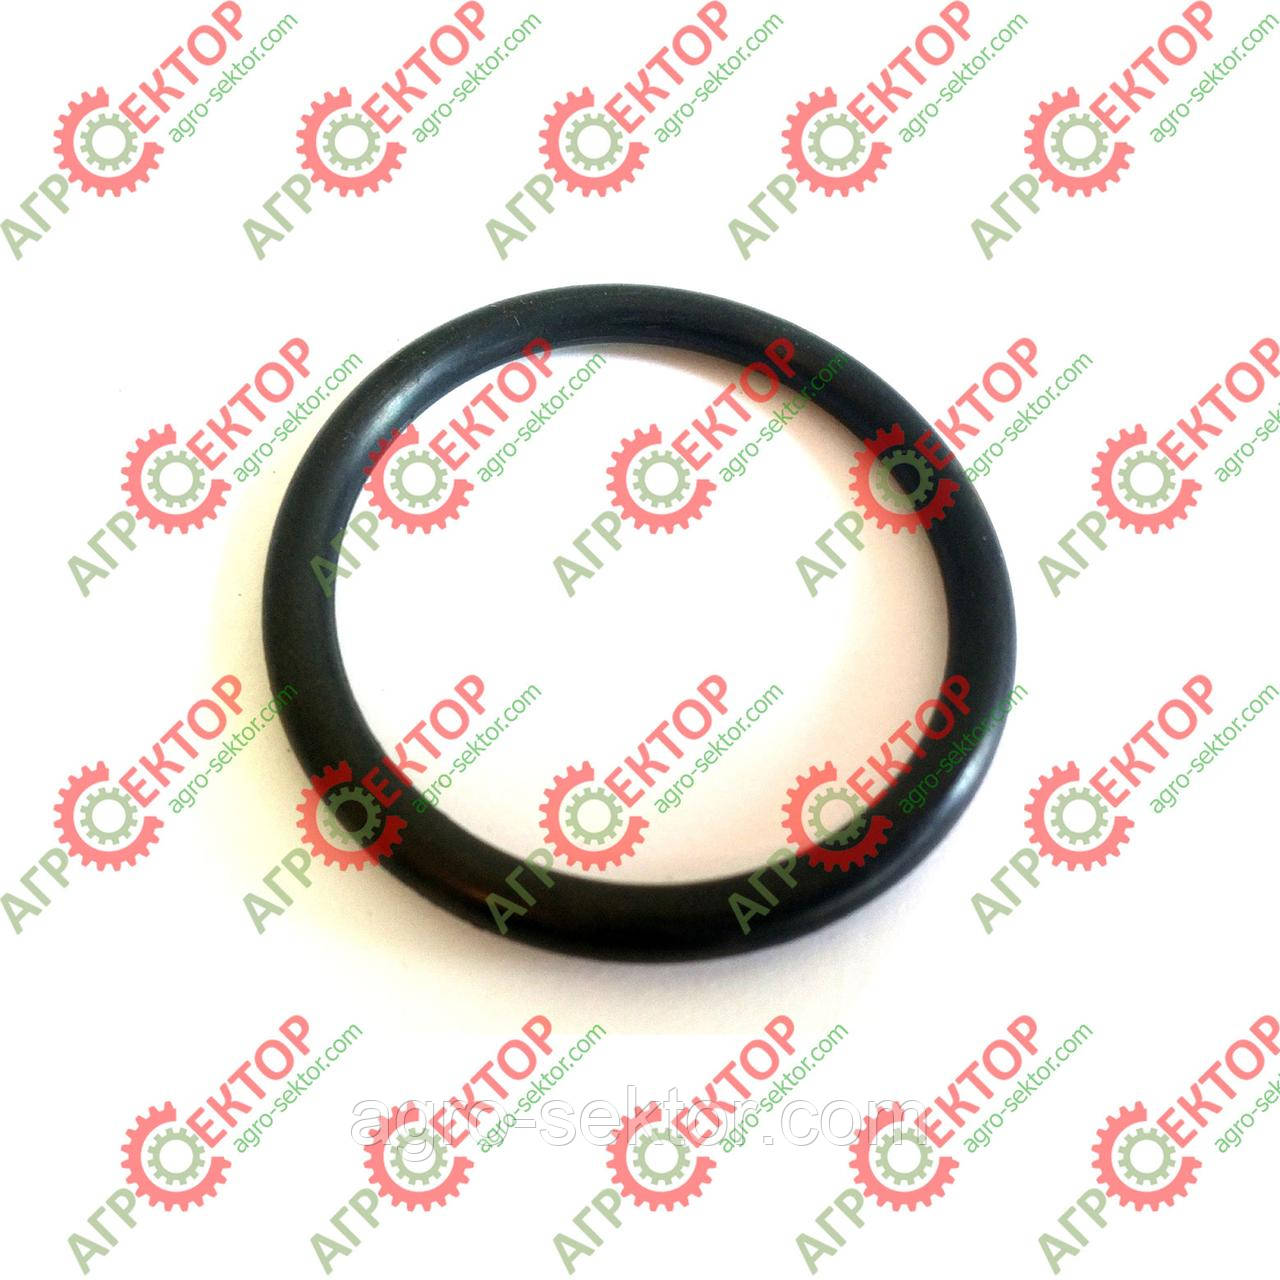 Кільце 5,34*50,17 мм прес-підбирача Supertino FAOR534006200N /ППТ-1270 FACIR534006200N